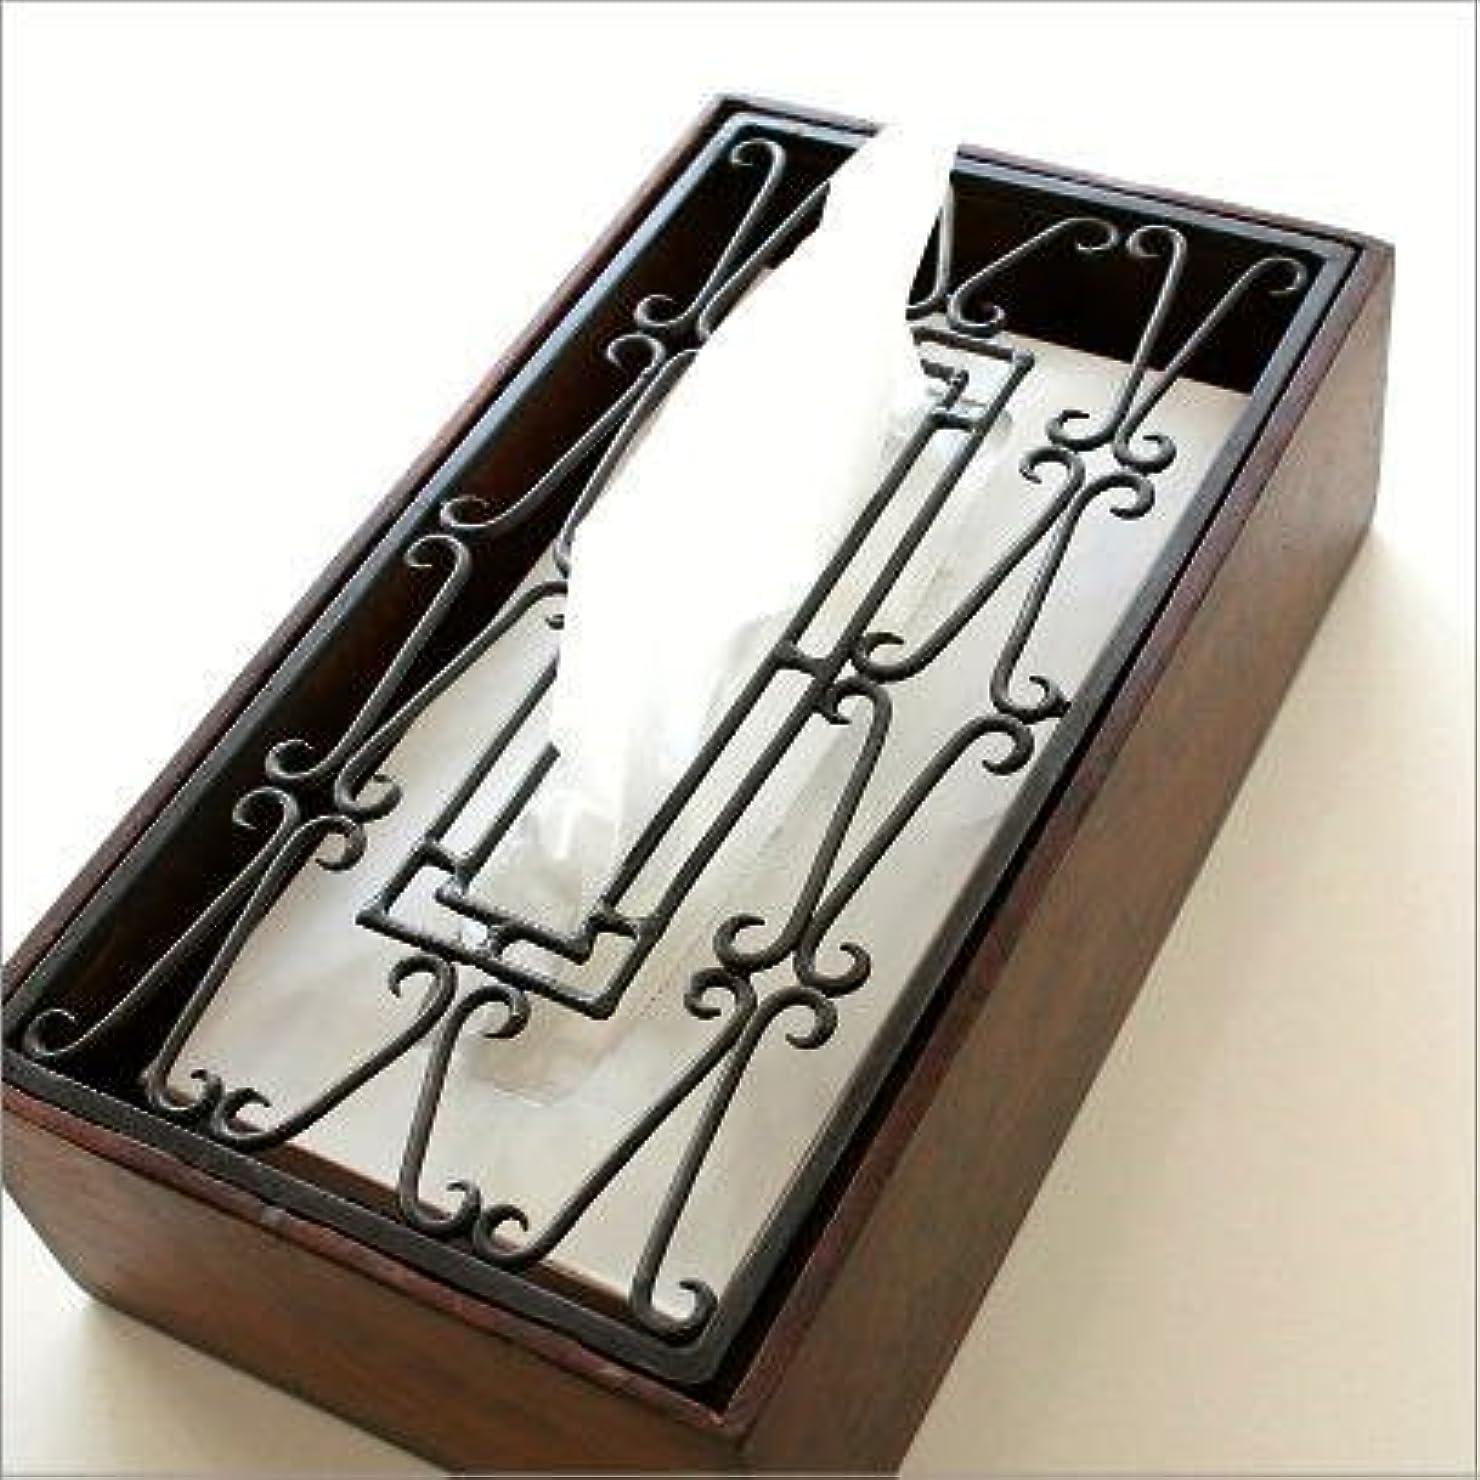 インタビュートリッキーヨーロッパアイアンティッシュケース おしゃれ 天然木 木製 アンティーク風 アイアンティッシュケースボックス D [kan2310]